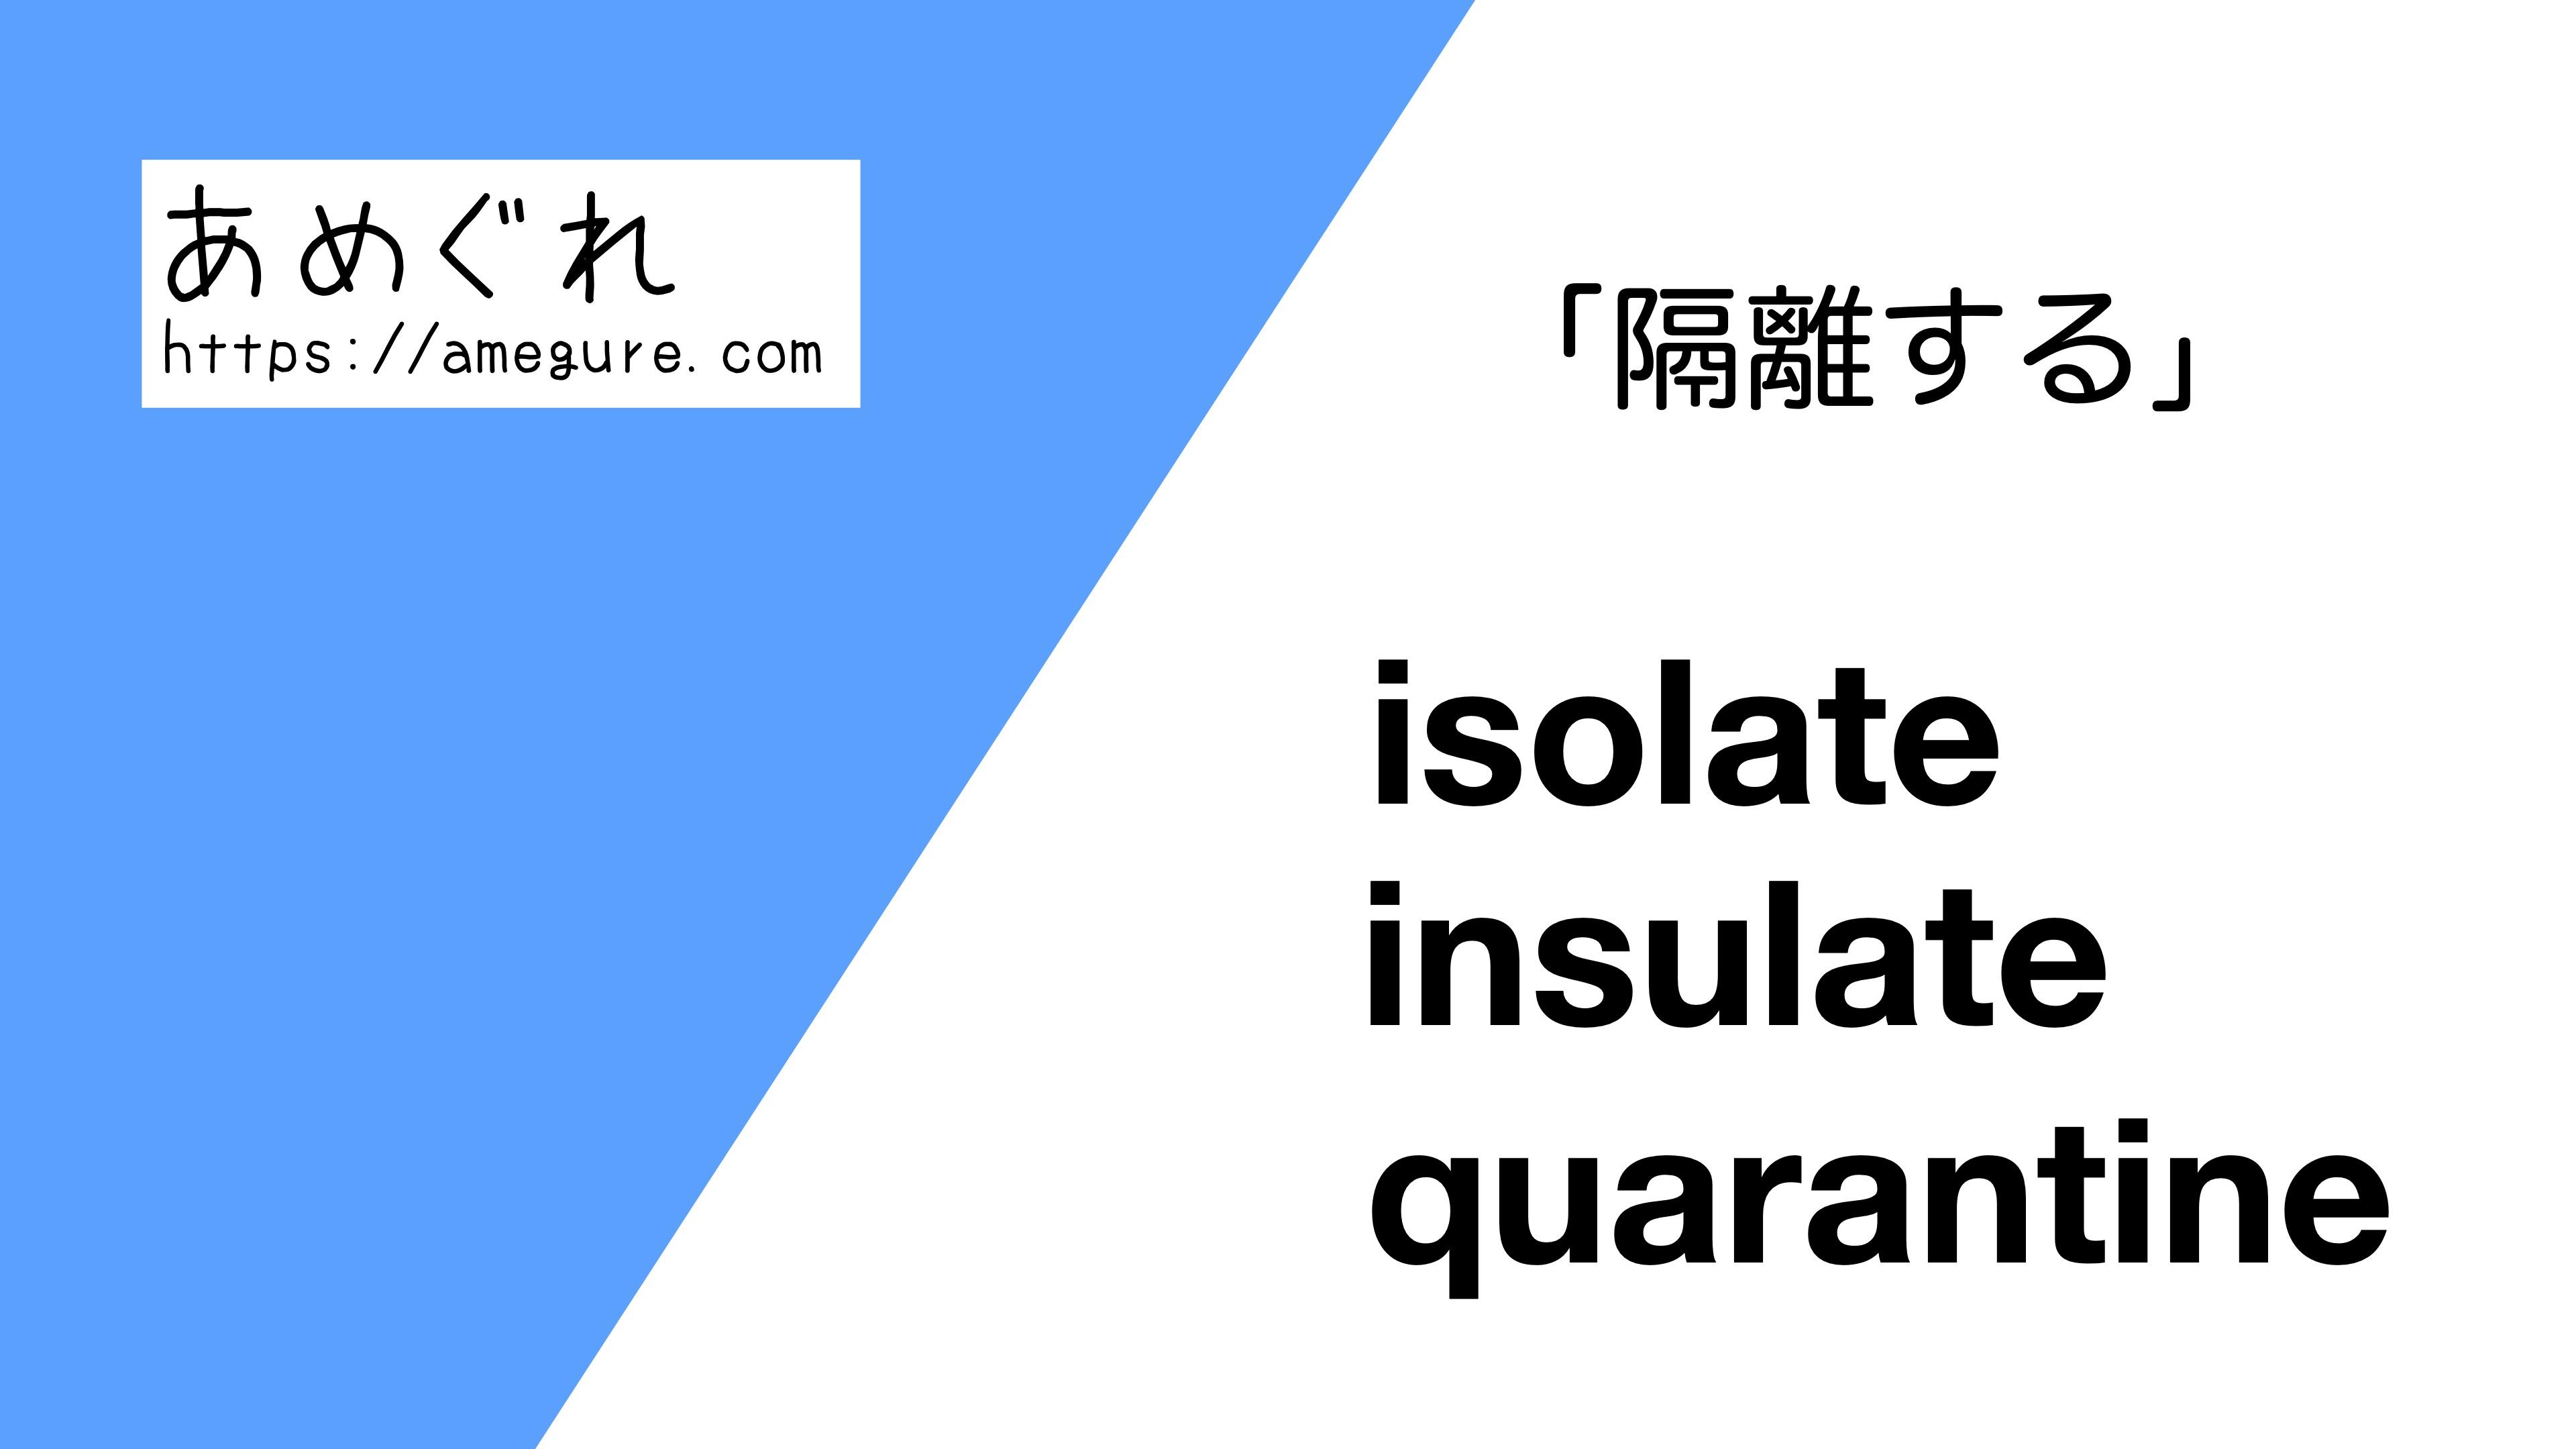 isolate-insulate-quarantine